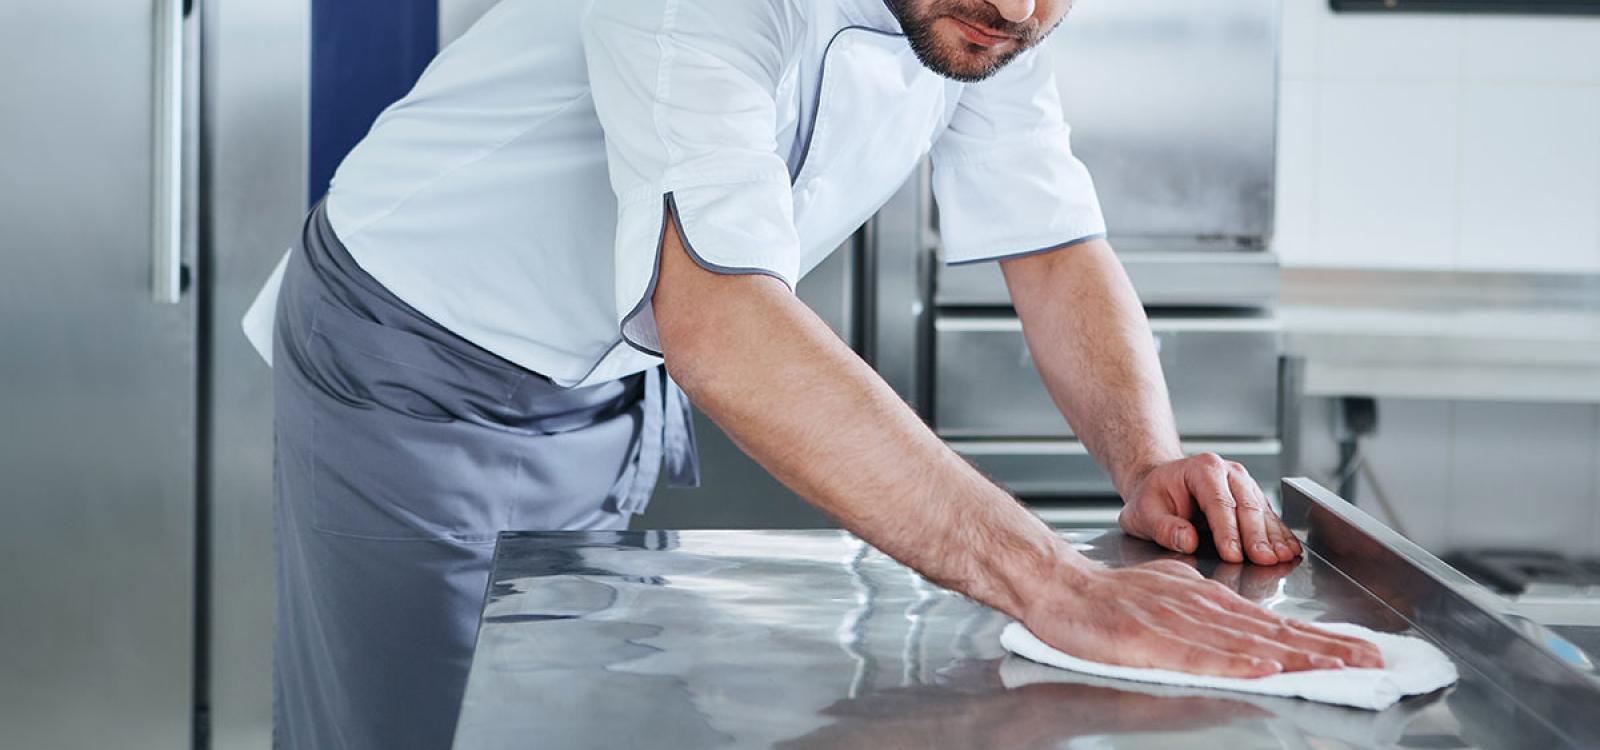 Cómo mantener la cocina de aluminio limpia